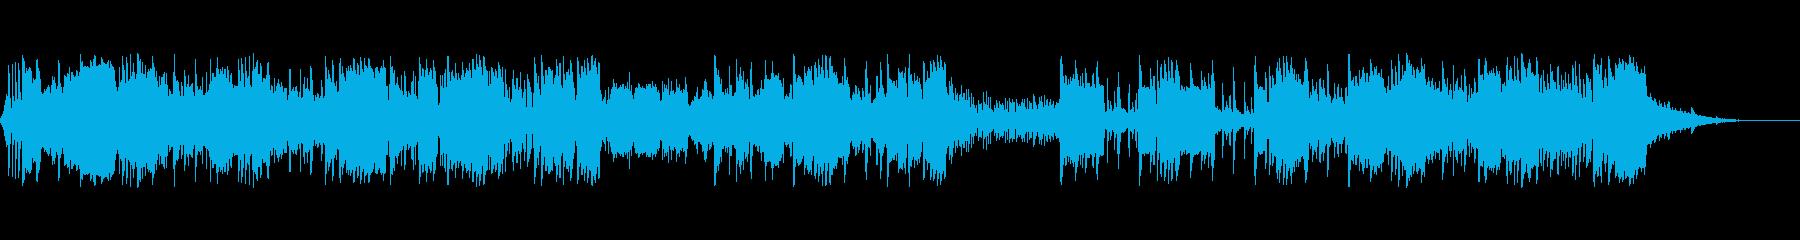 クールジャングルIDベッド2の再生済みの波形